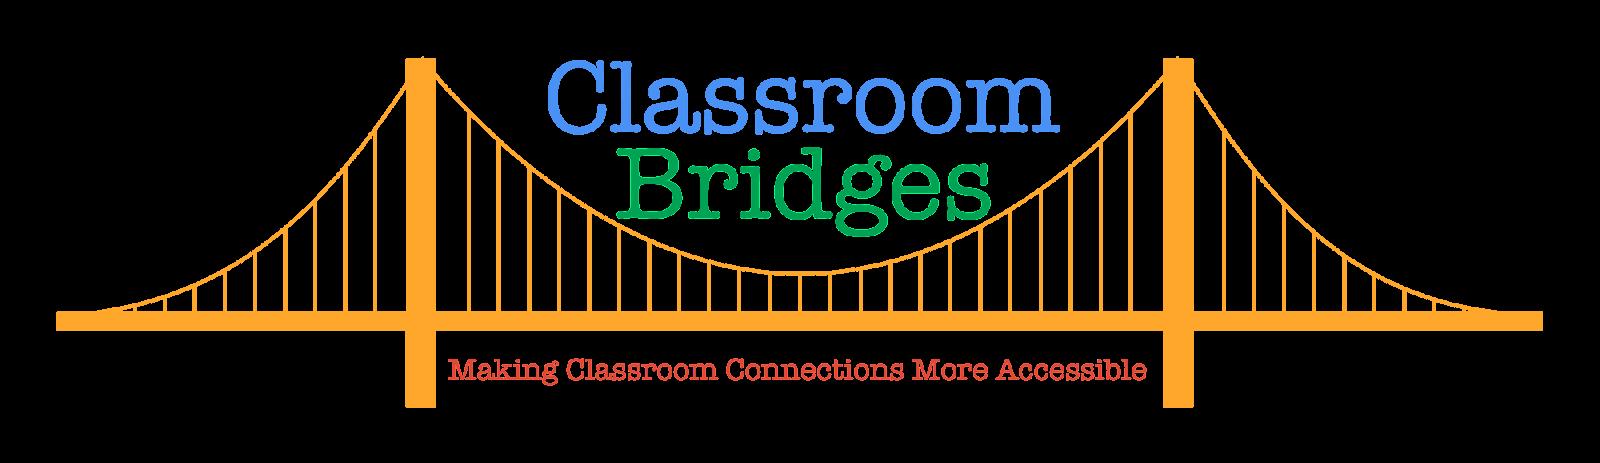 Classroom Bridges Logo.png